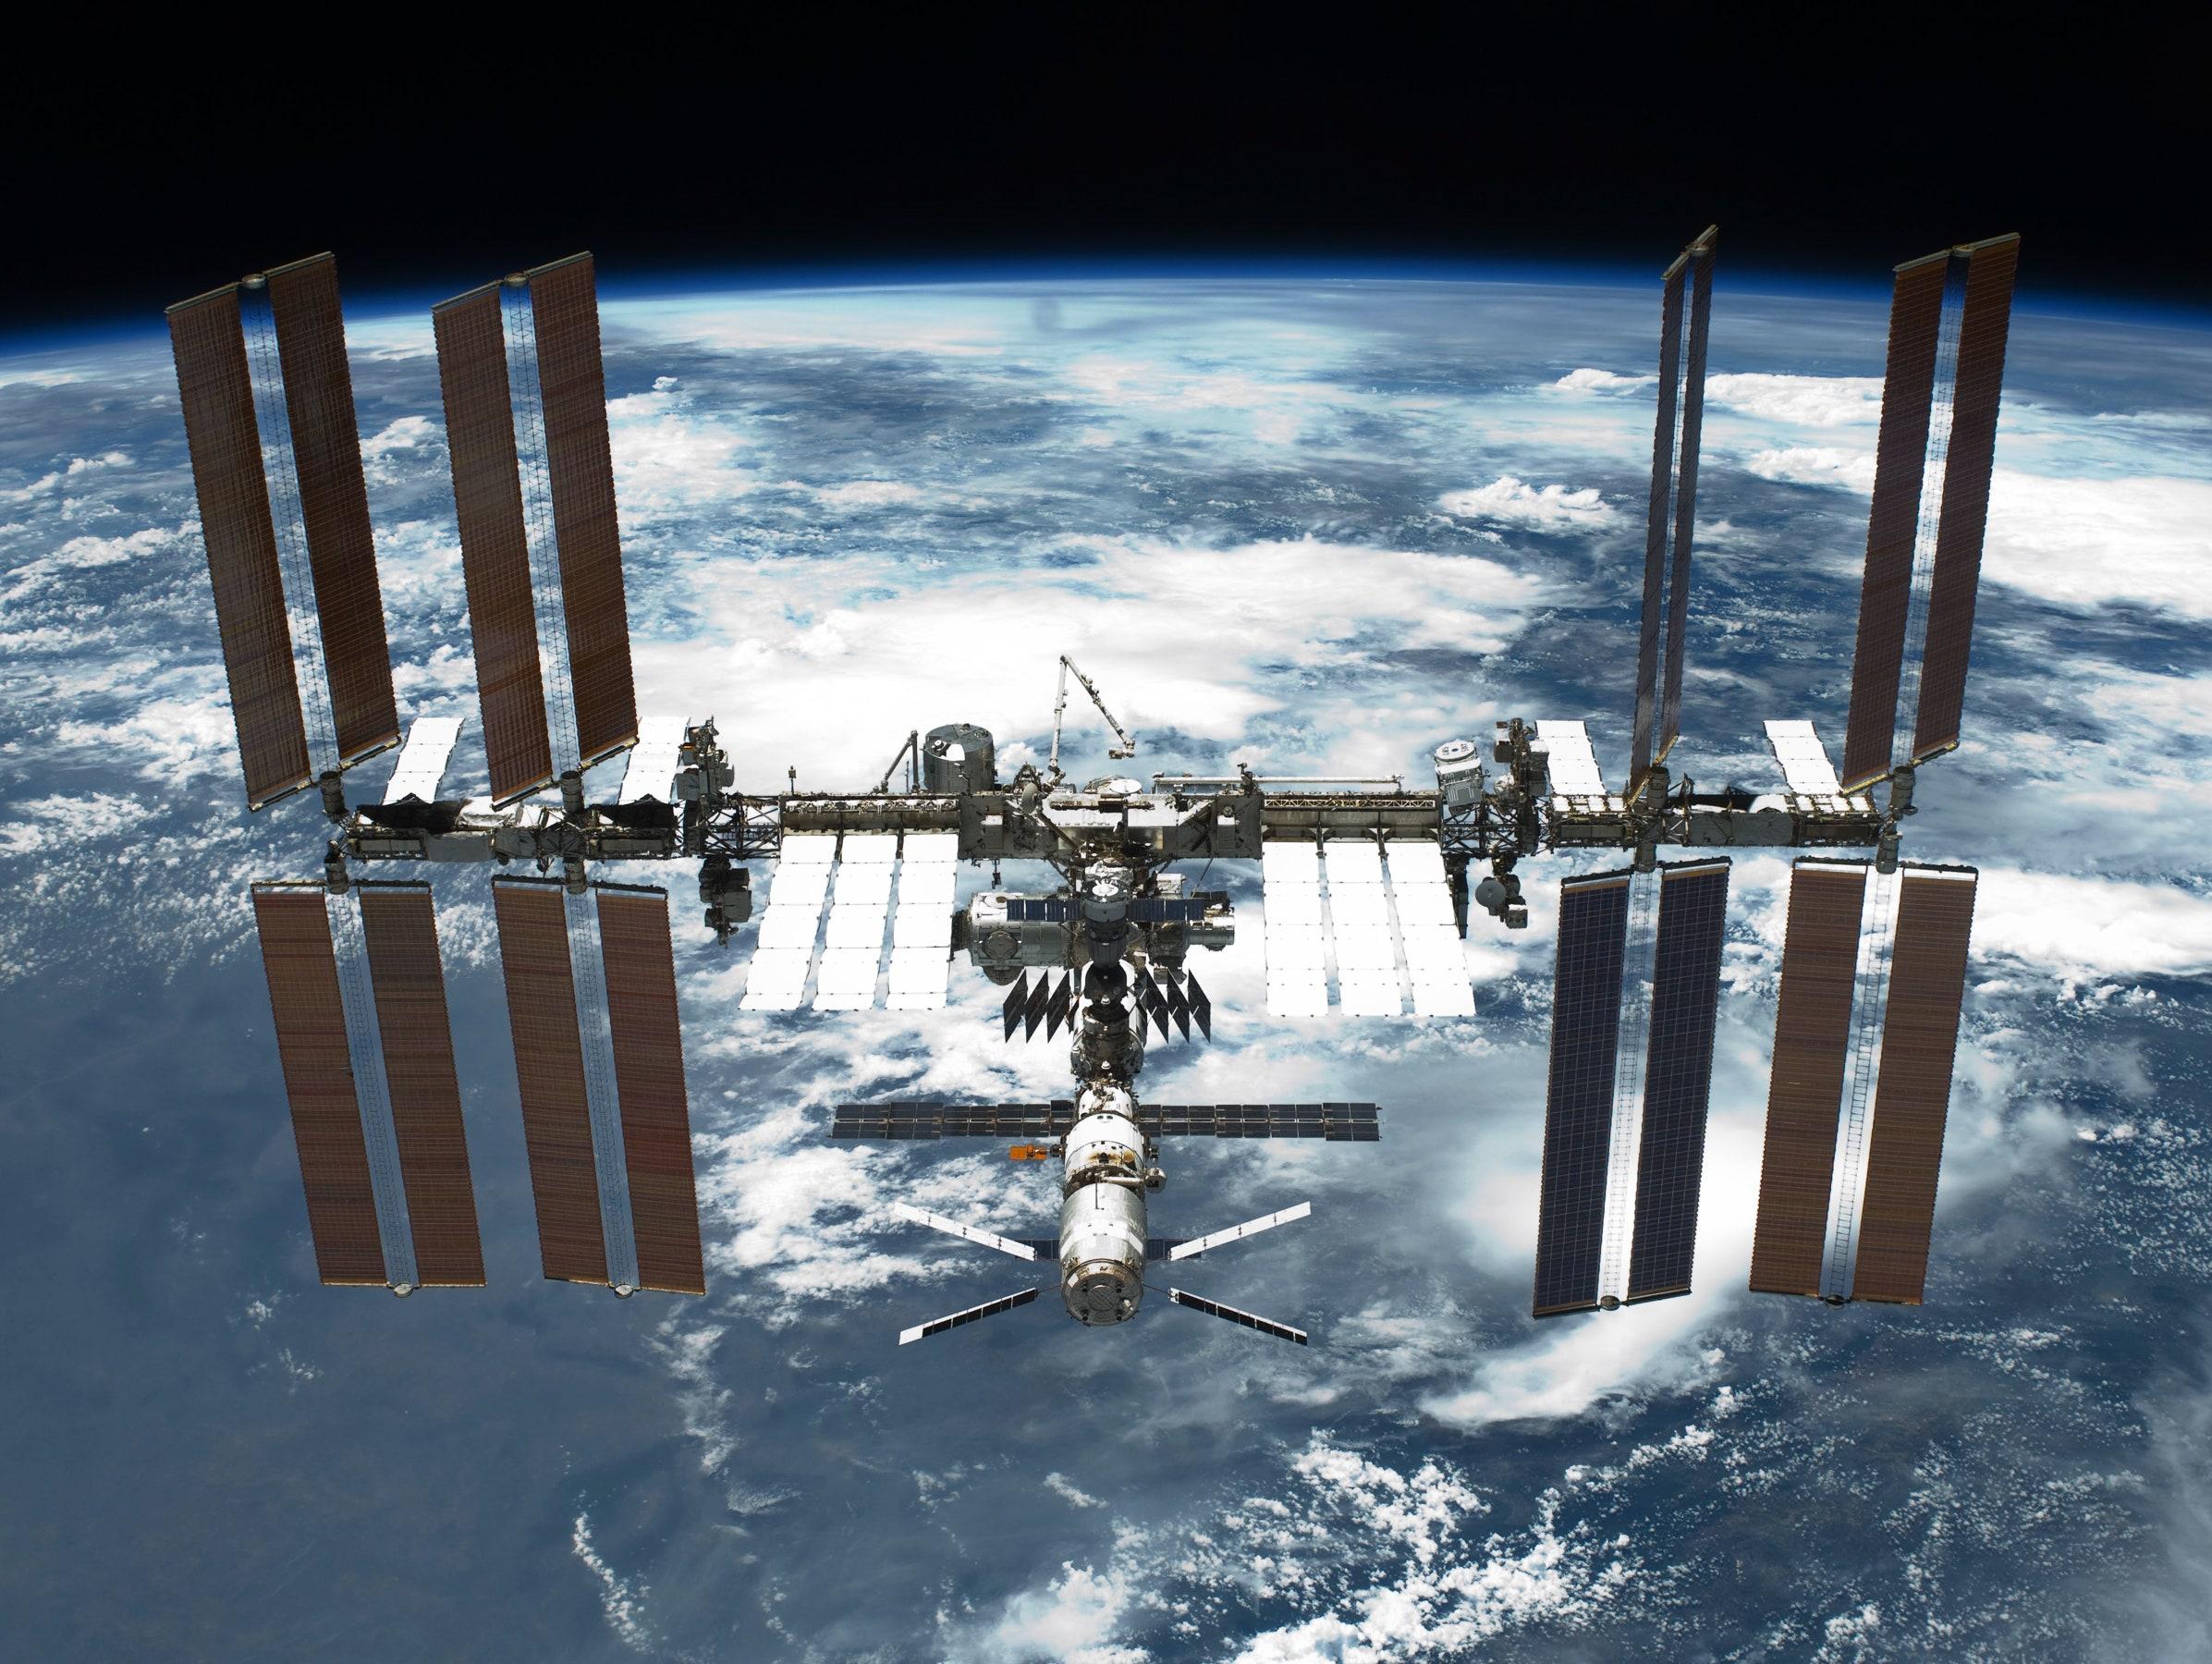 ઈન્ટરનેશનલ સ્પેસ સ્ટેશન પર ફિલ્મનું શૂટિંગ થશે